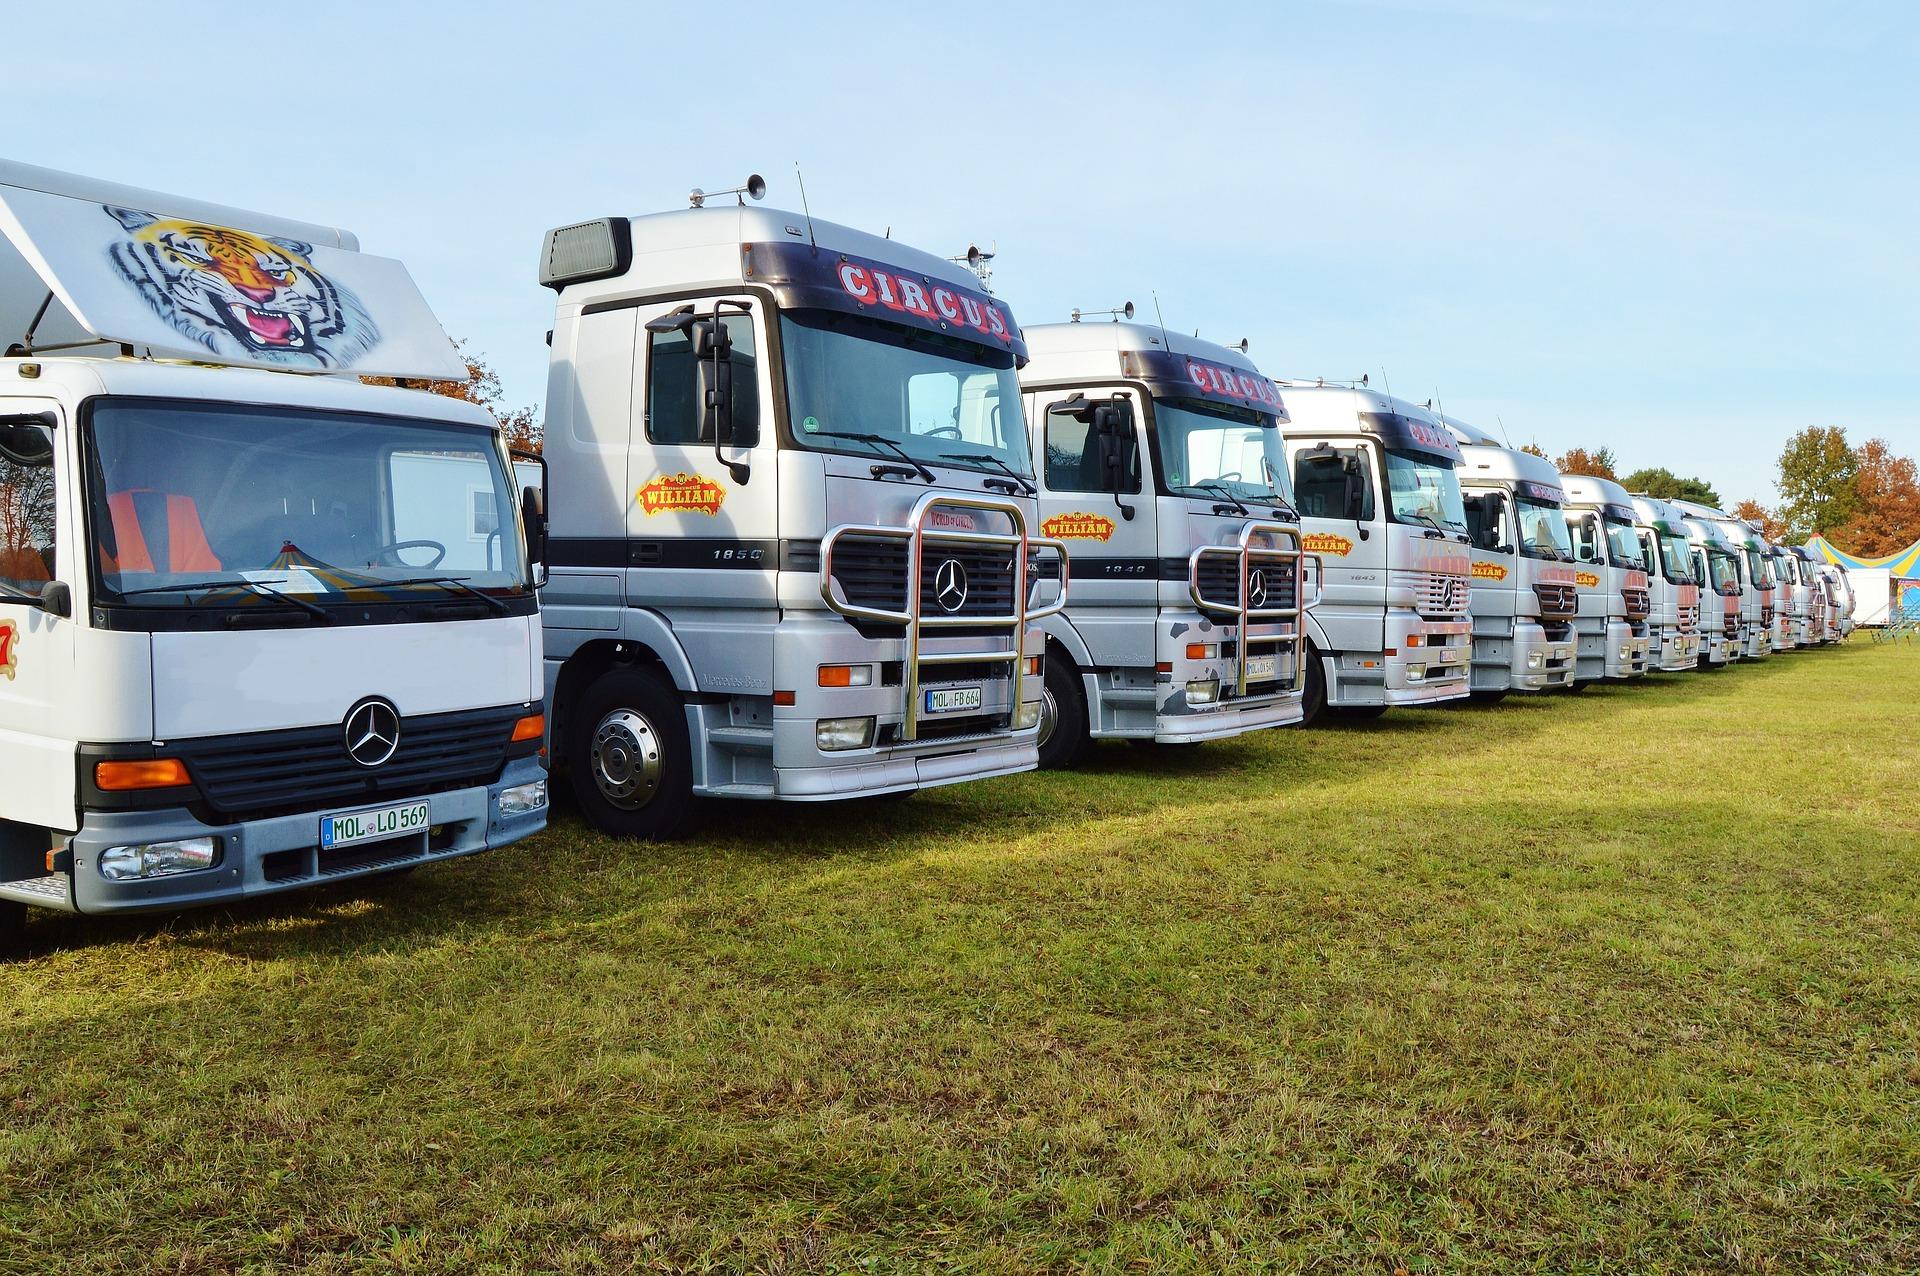 Zatrudnianie kierowców z Ukrainy w Polsce utrudnione | Litwini mają sposób na zakazy w Niemczech